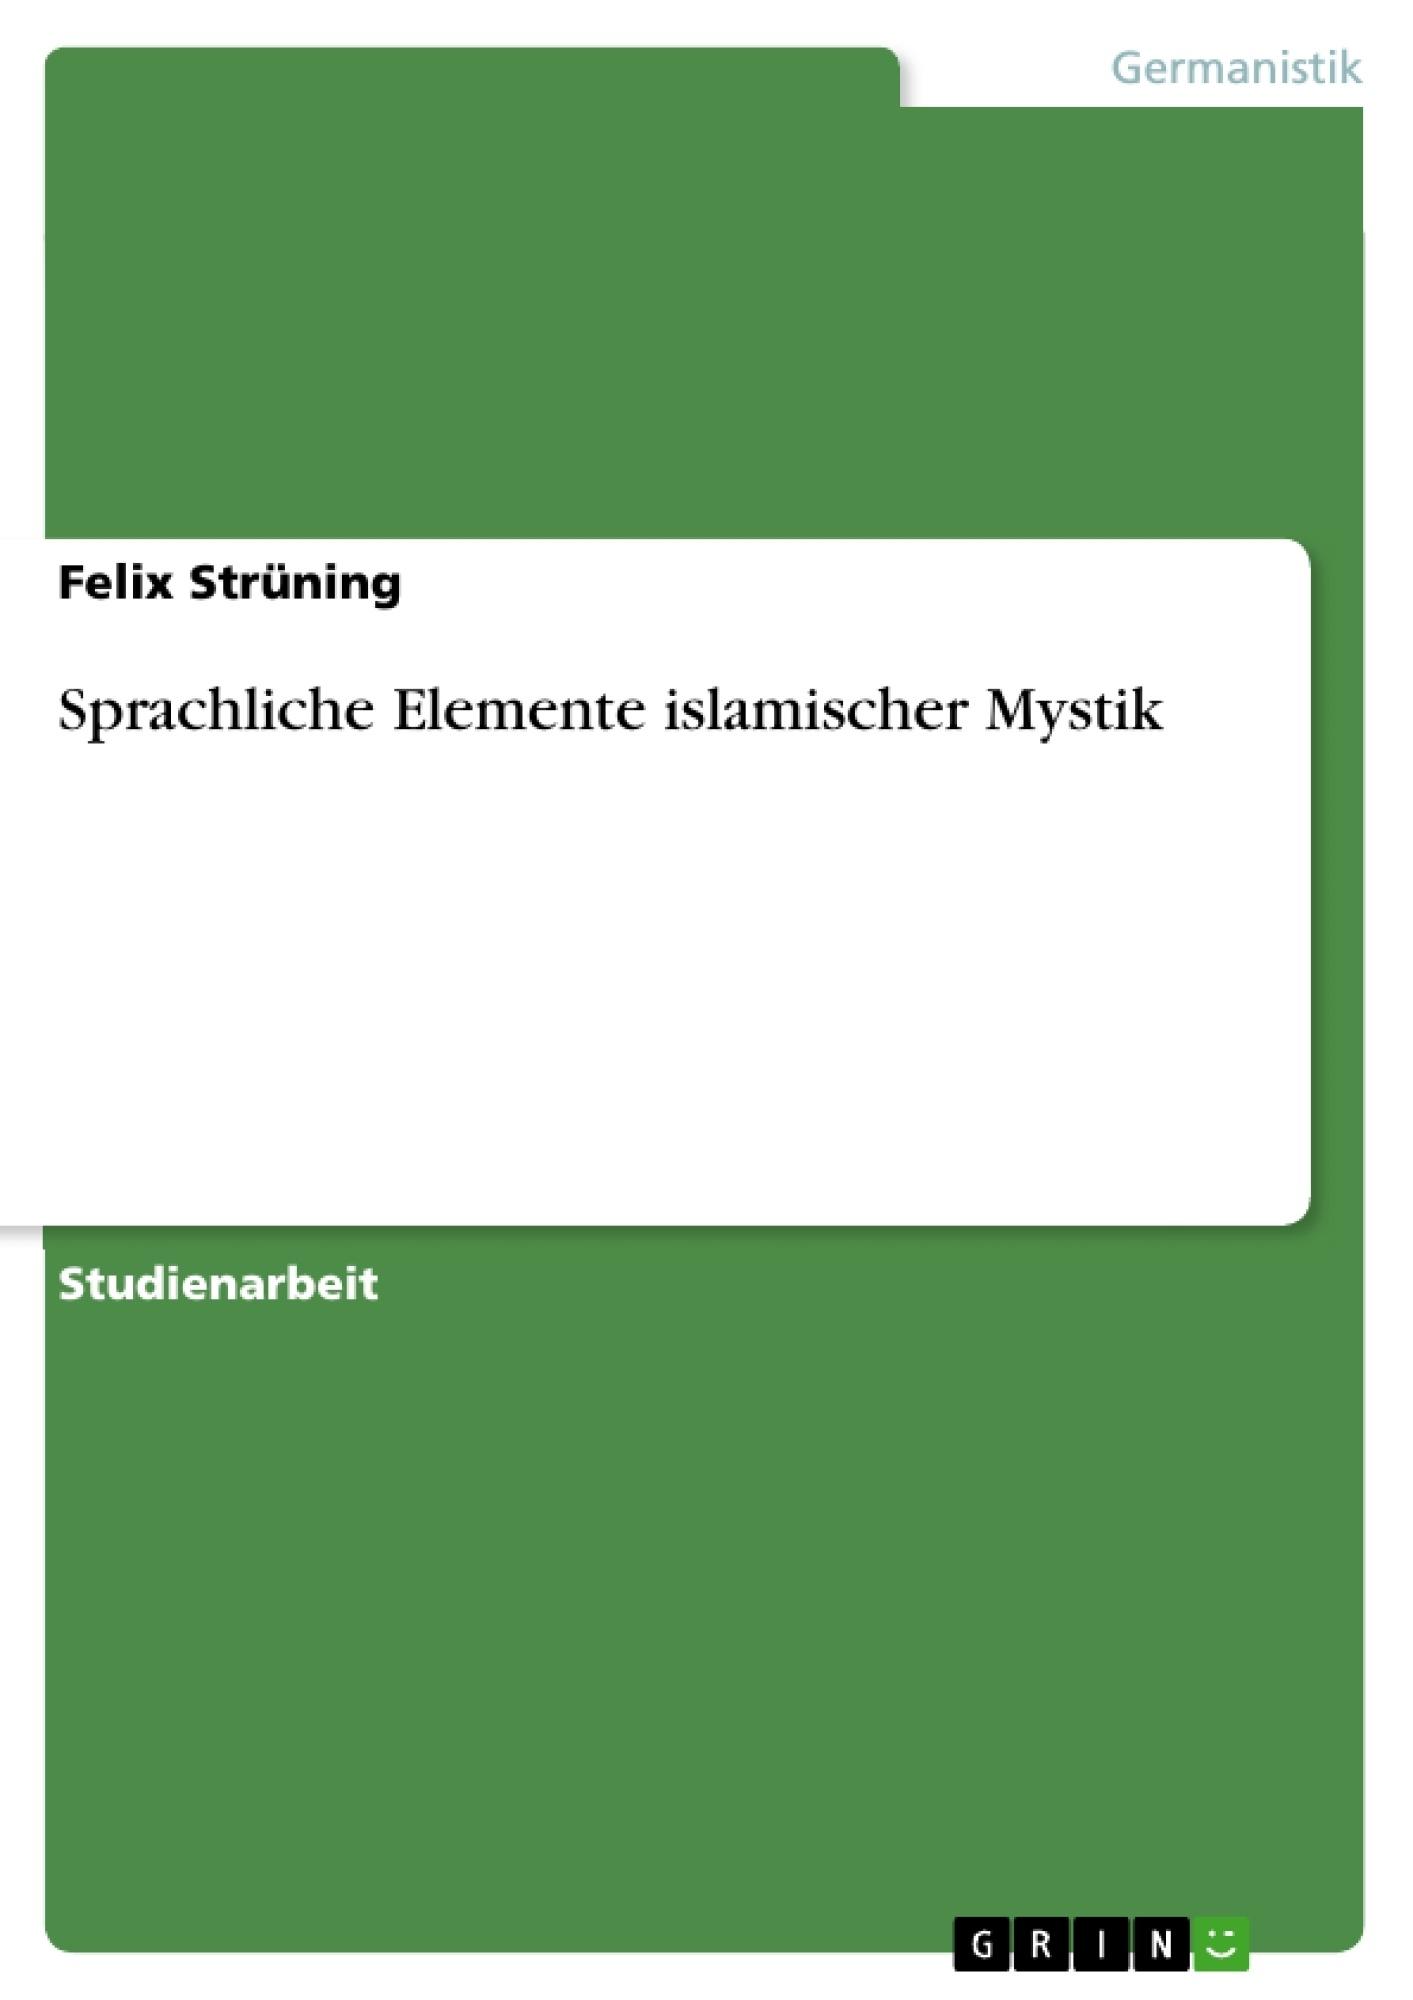 Titel: Sprachliche Elemente islamischer Mystik